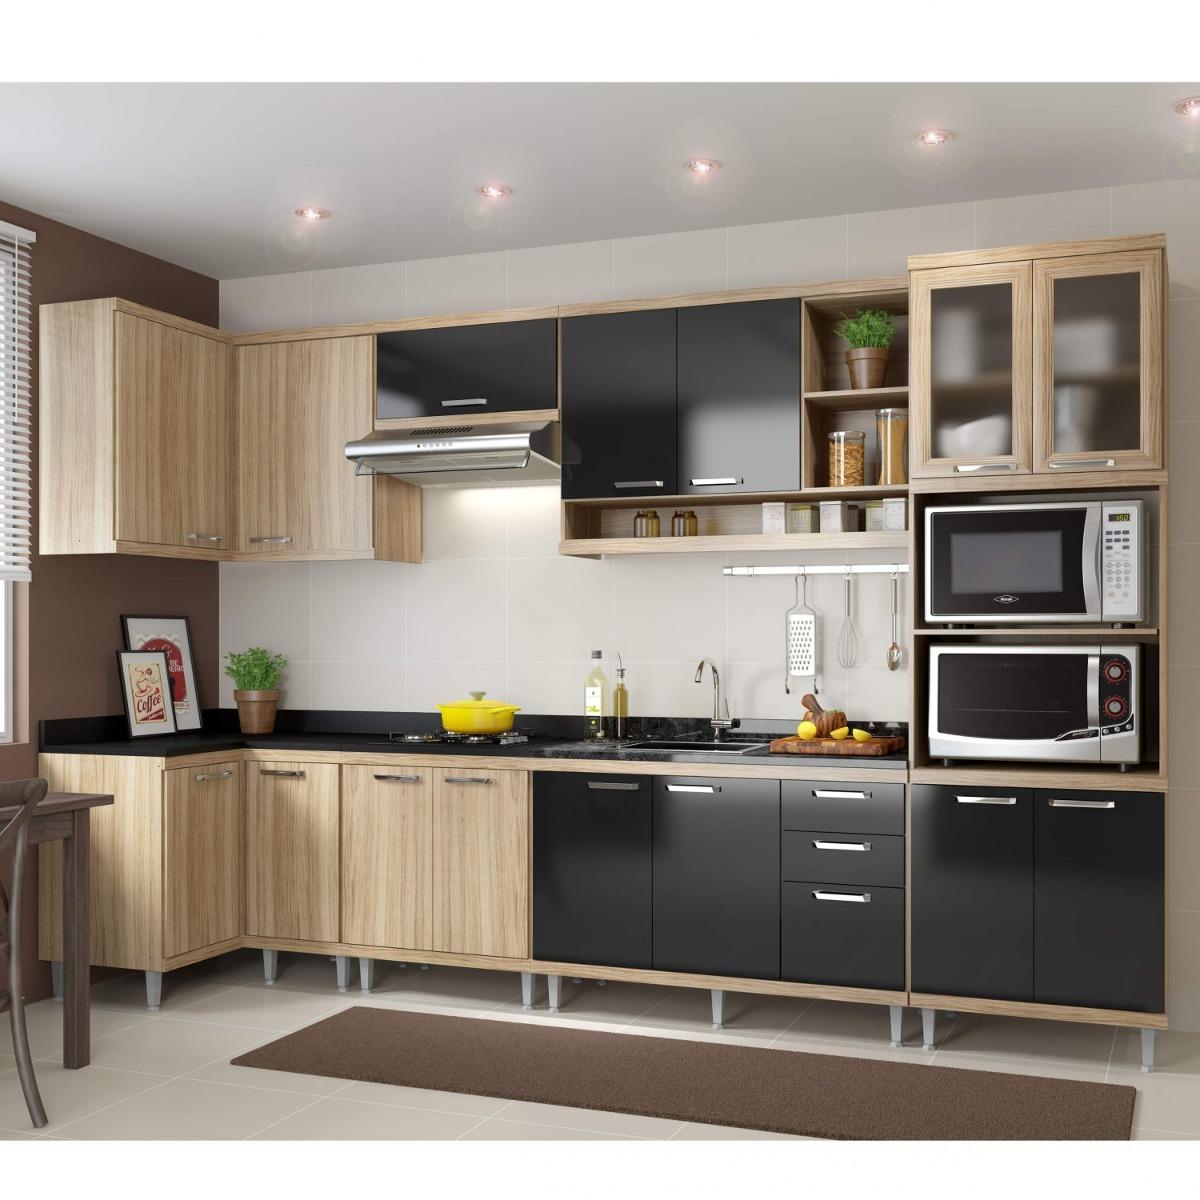 Cozinha Completa Canto Com Balc O Sem Tampo 7 Pe As F R 2 699 90